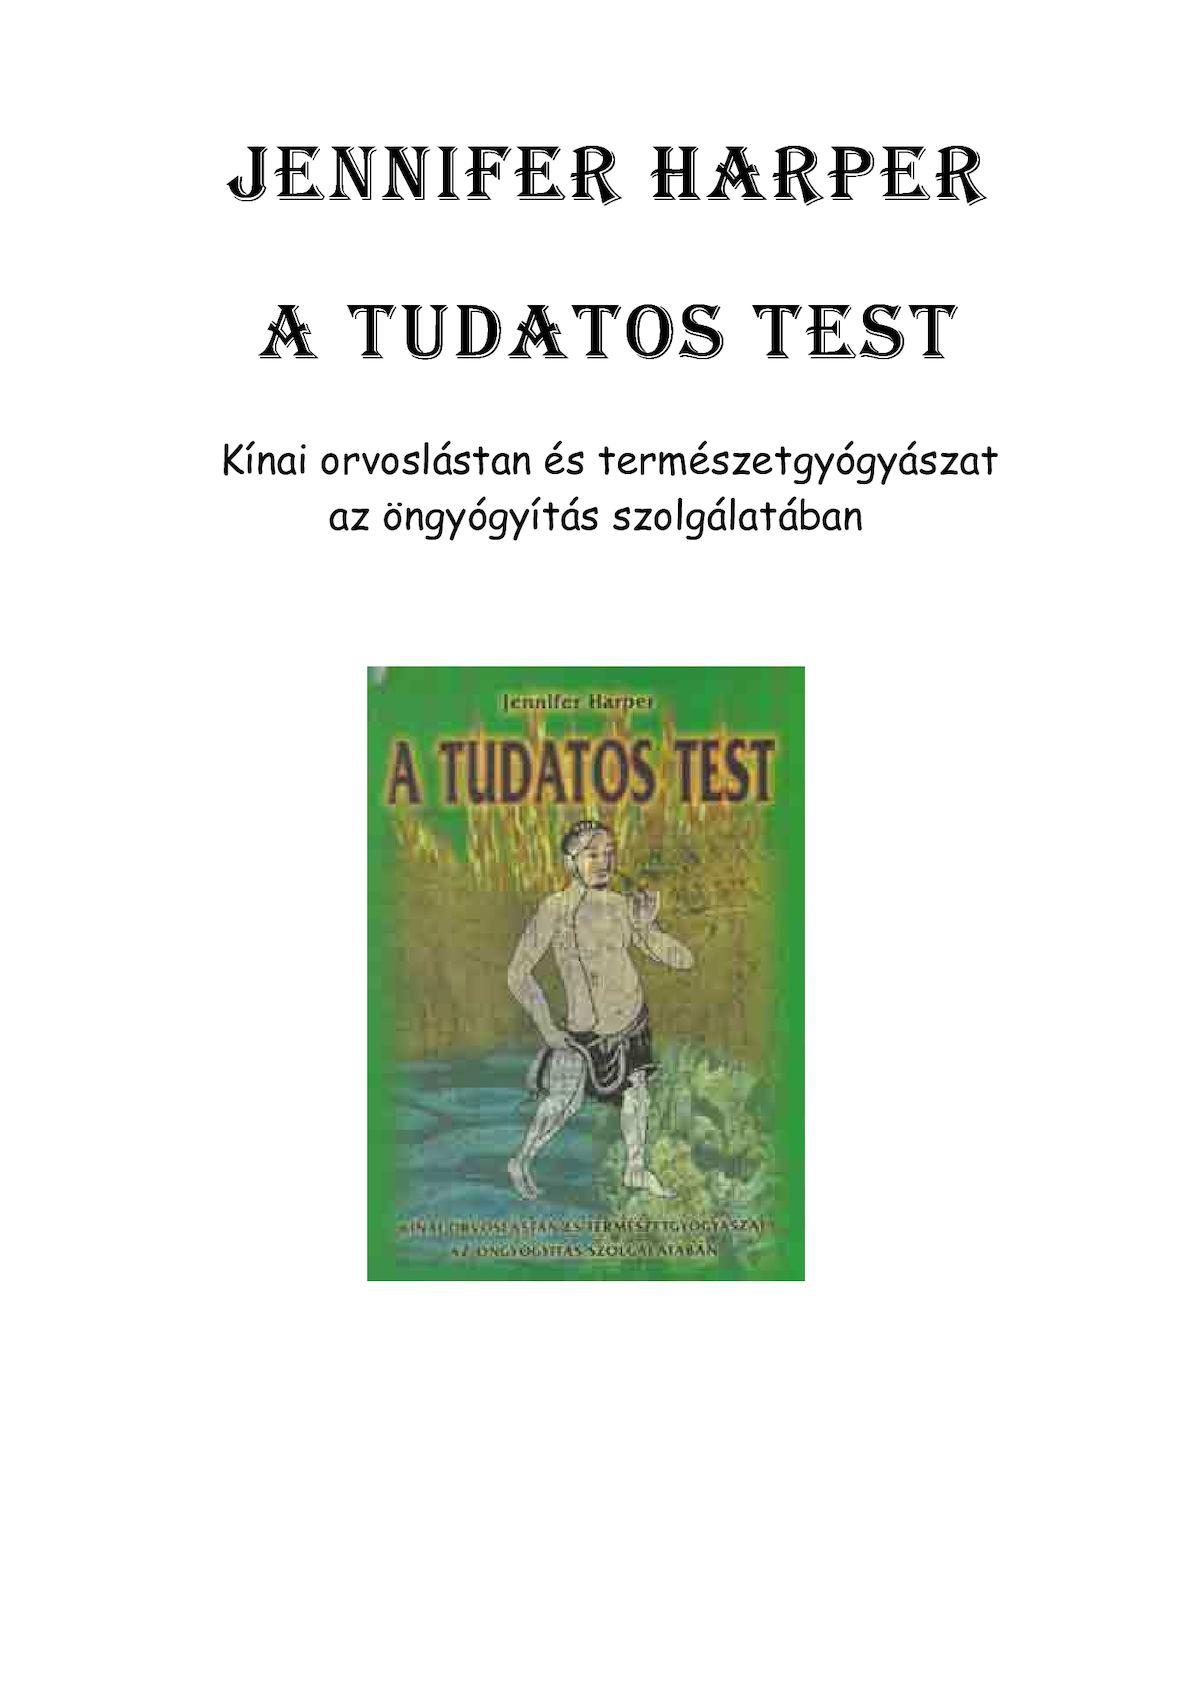 könyv pikkelysömör kezelése a termszetes utat)